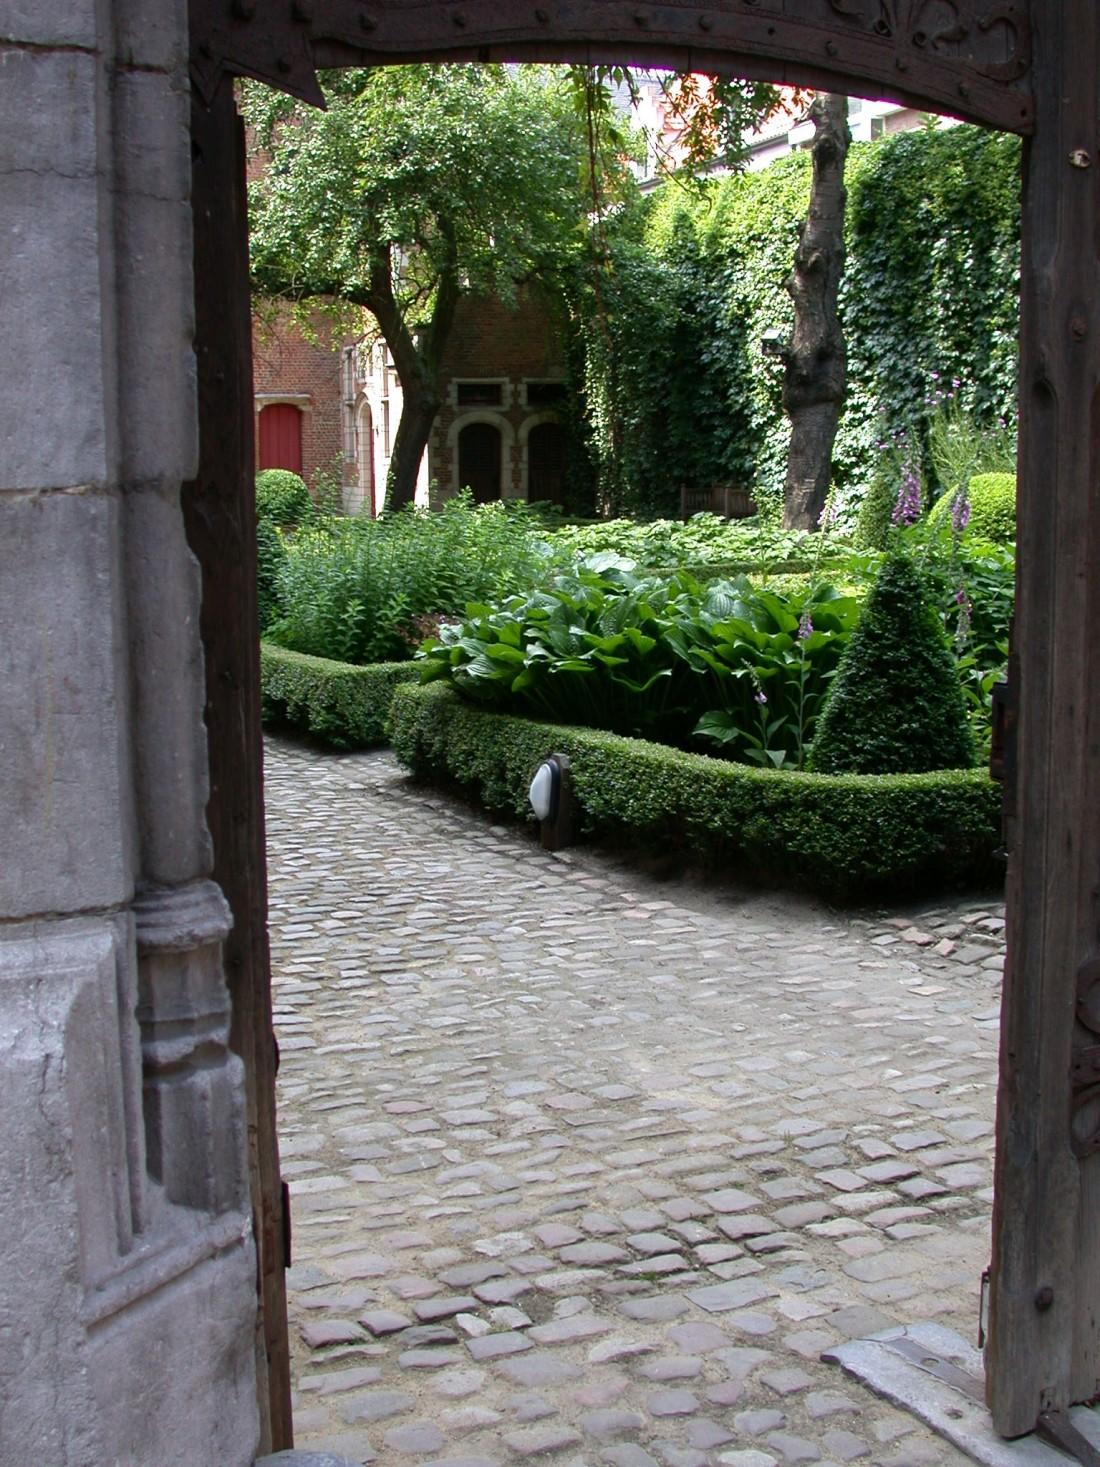 Historische Stadstuin, Mechelen